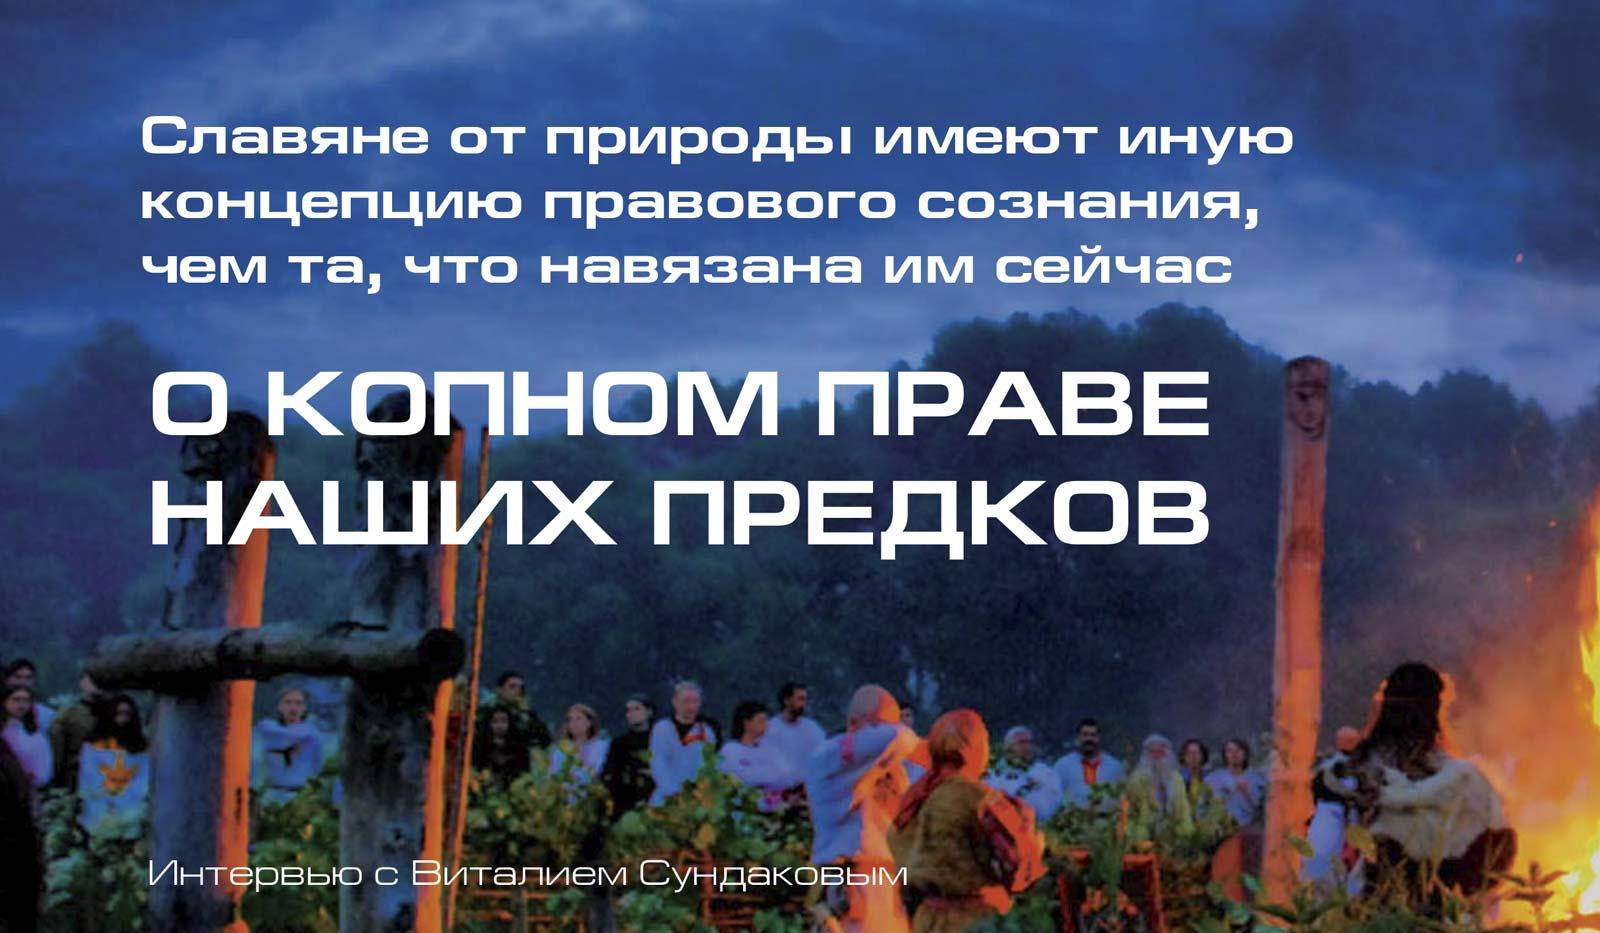 Фильм Виталия Сундакова